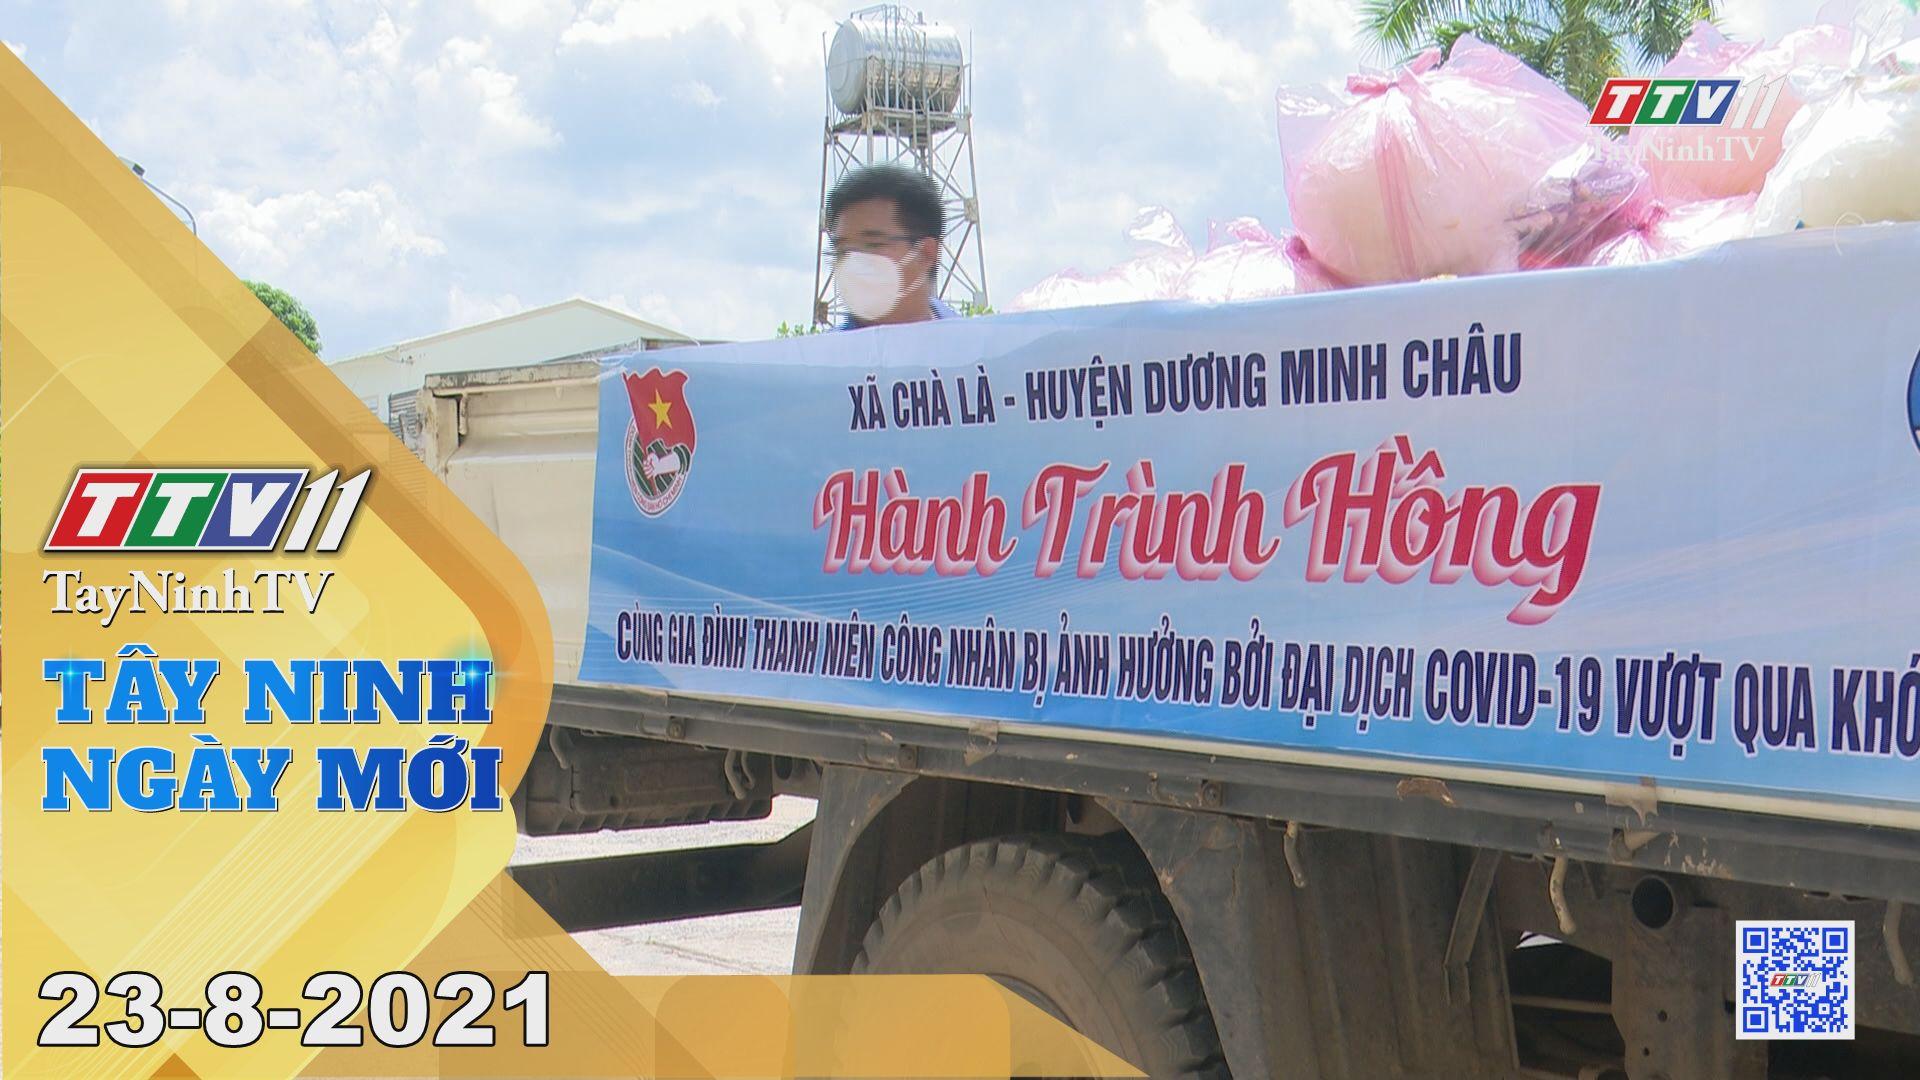 Tây Ninh Ngày Mới 23-8-2021 | Tin tức hôm nay | TayNinhTV